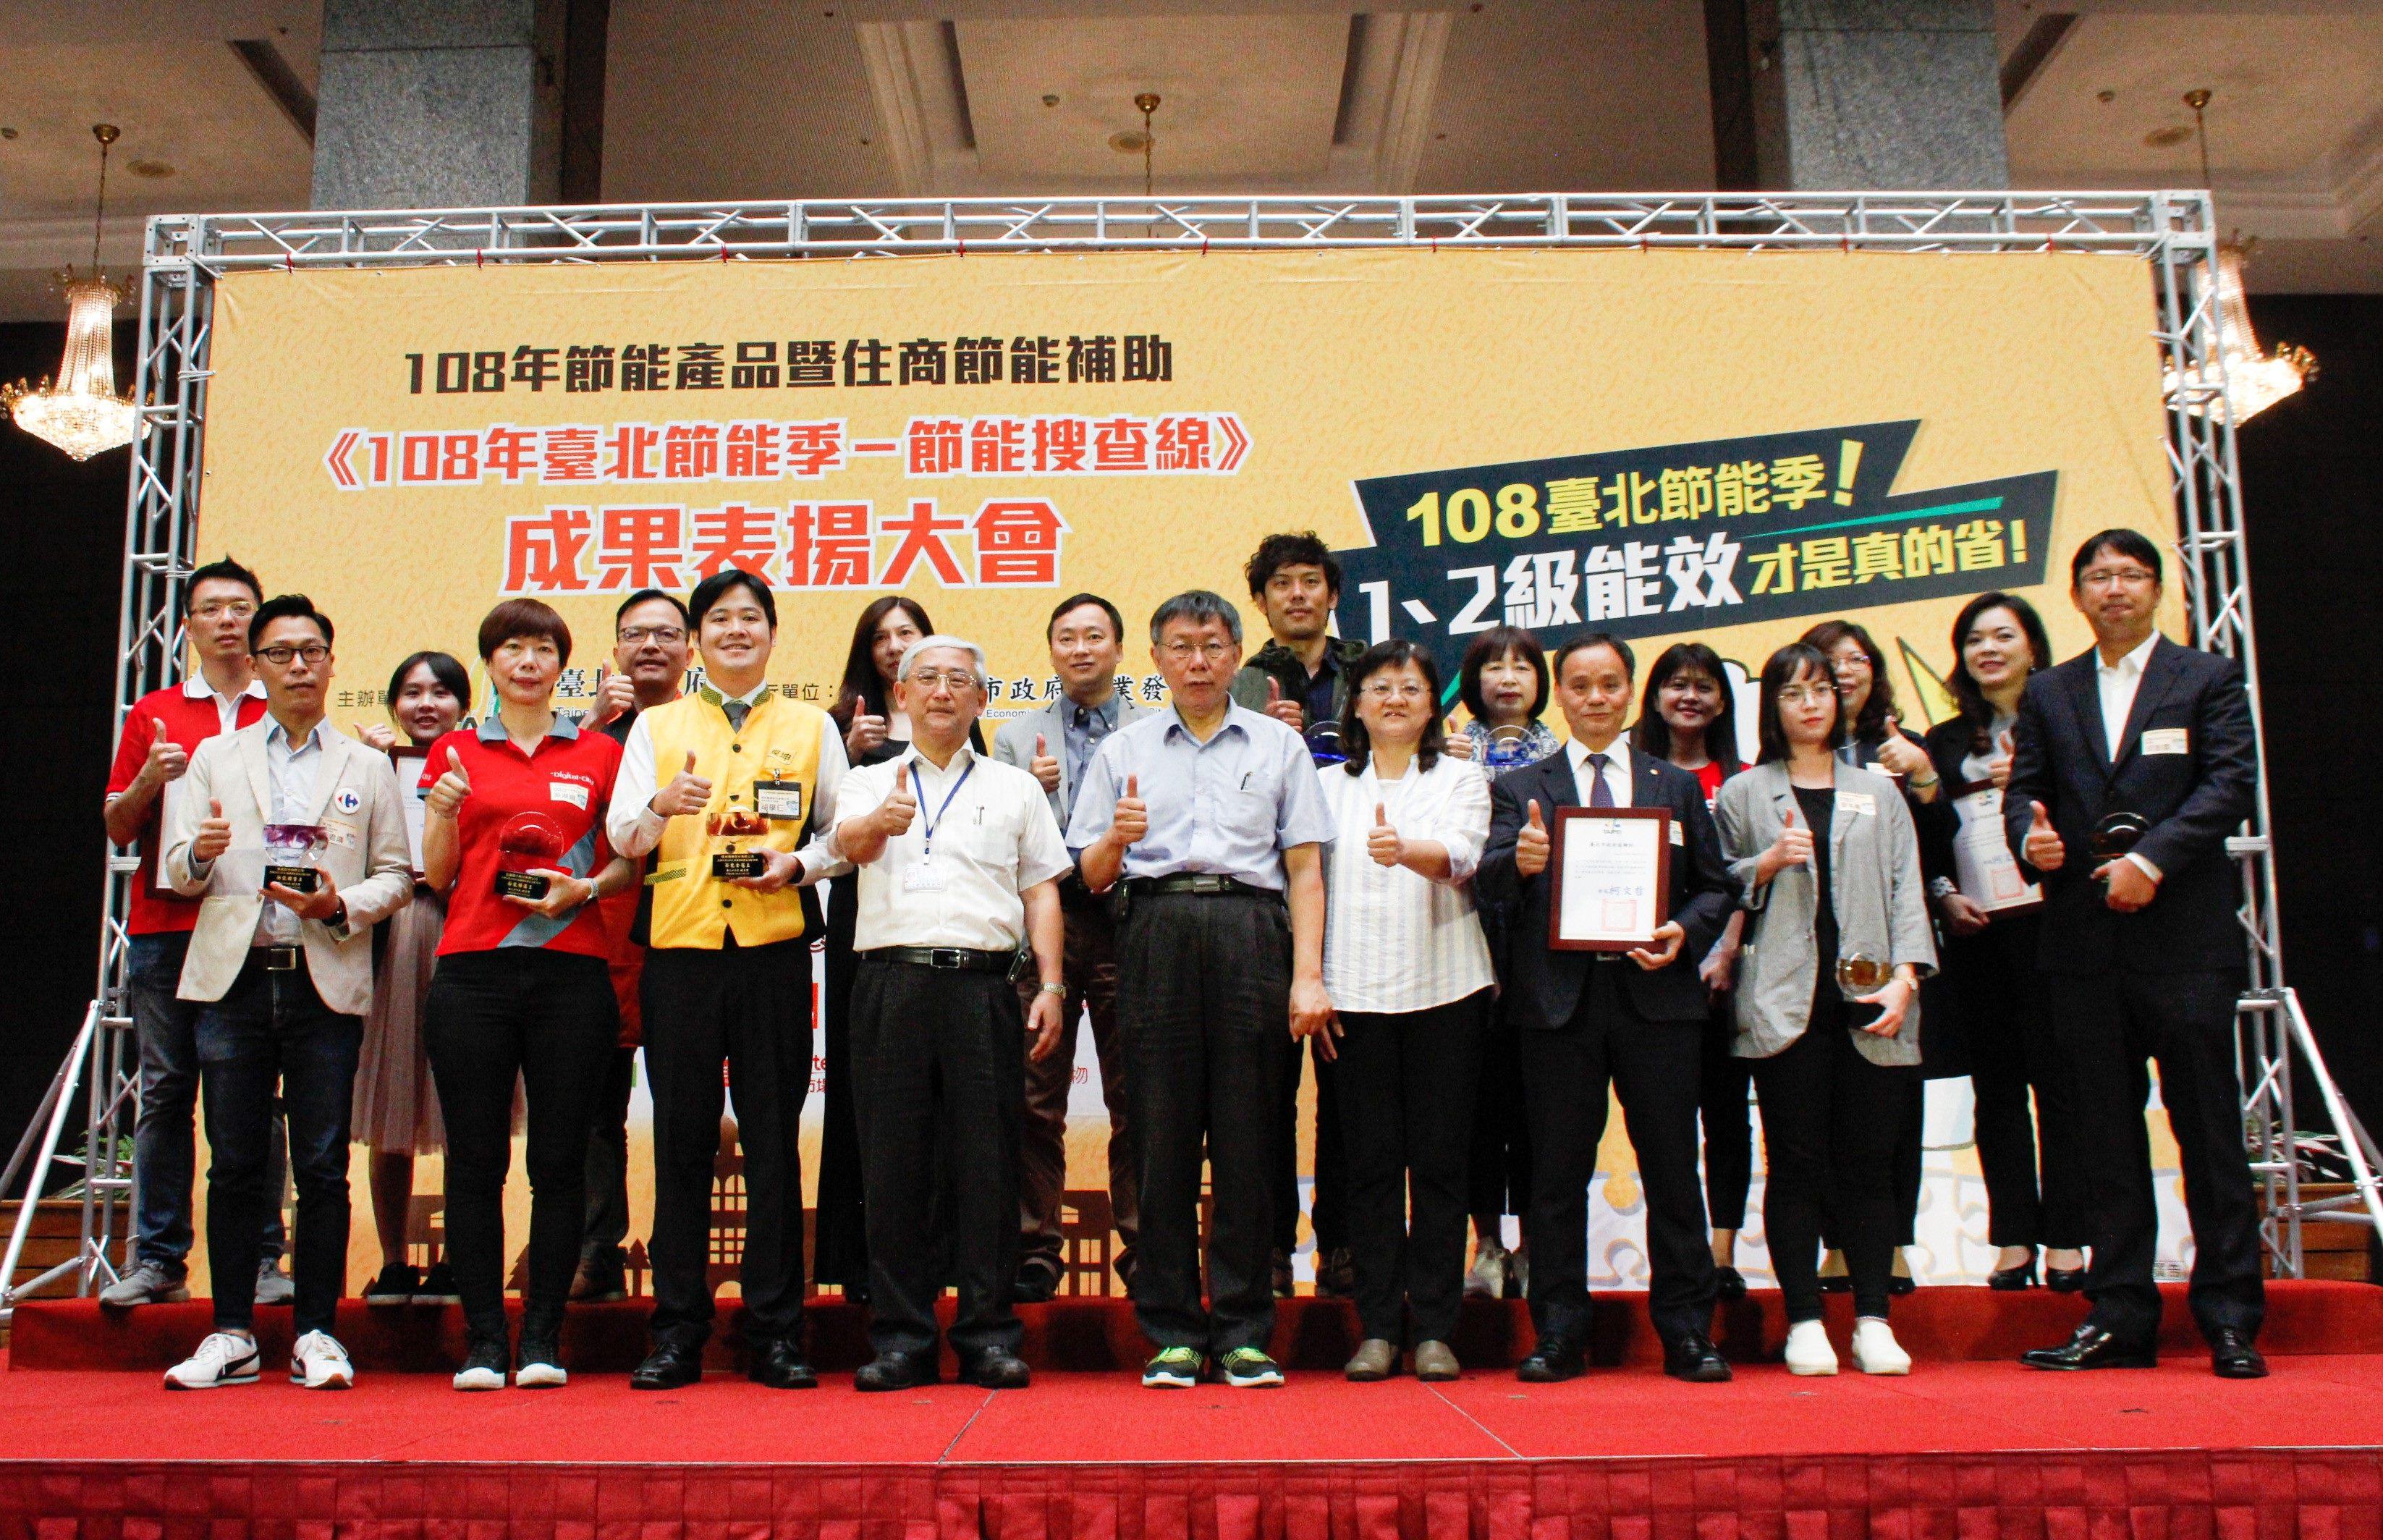 推廣節能產品暨節能績優廠商表揚大會